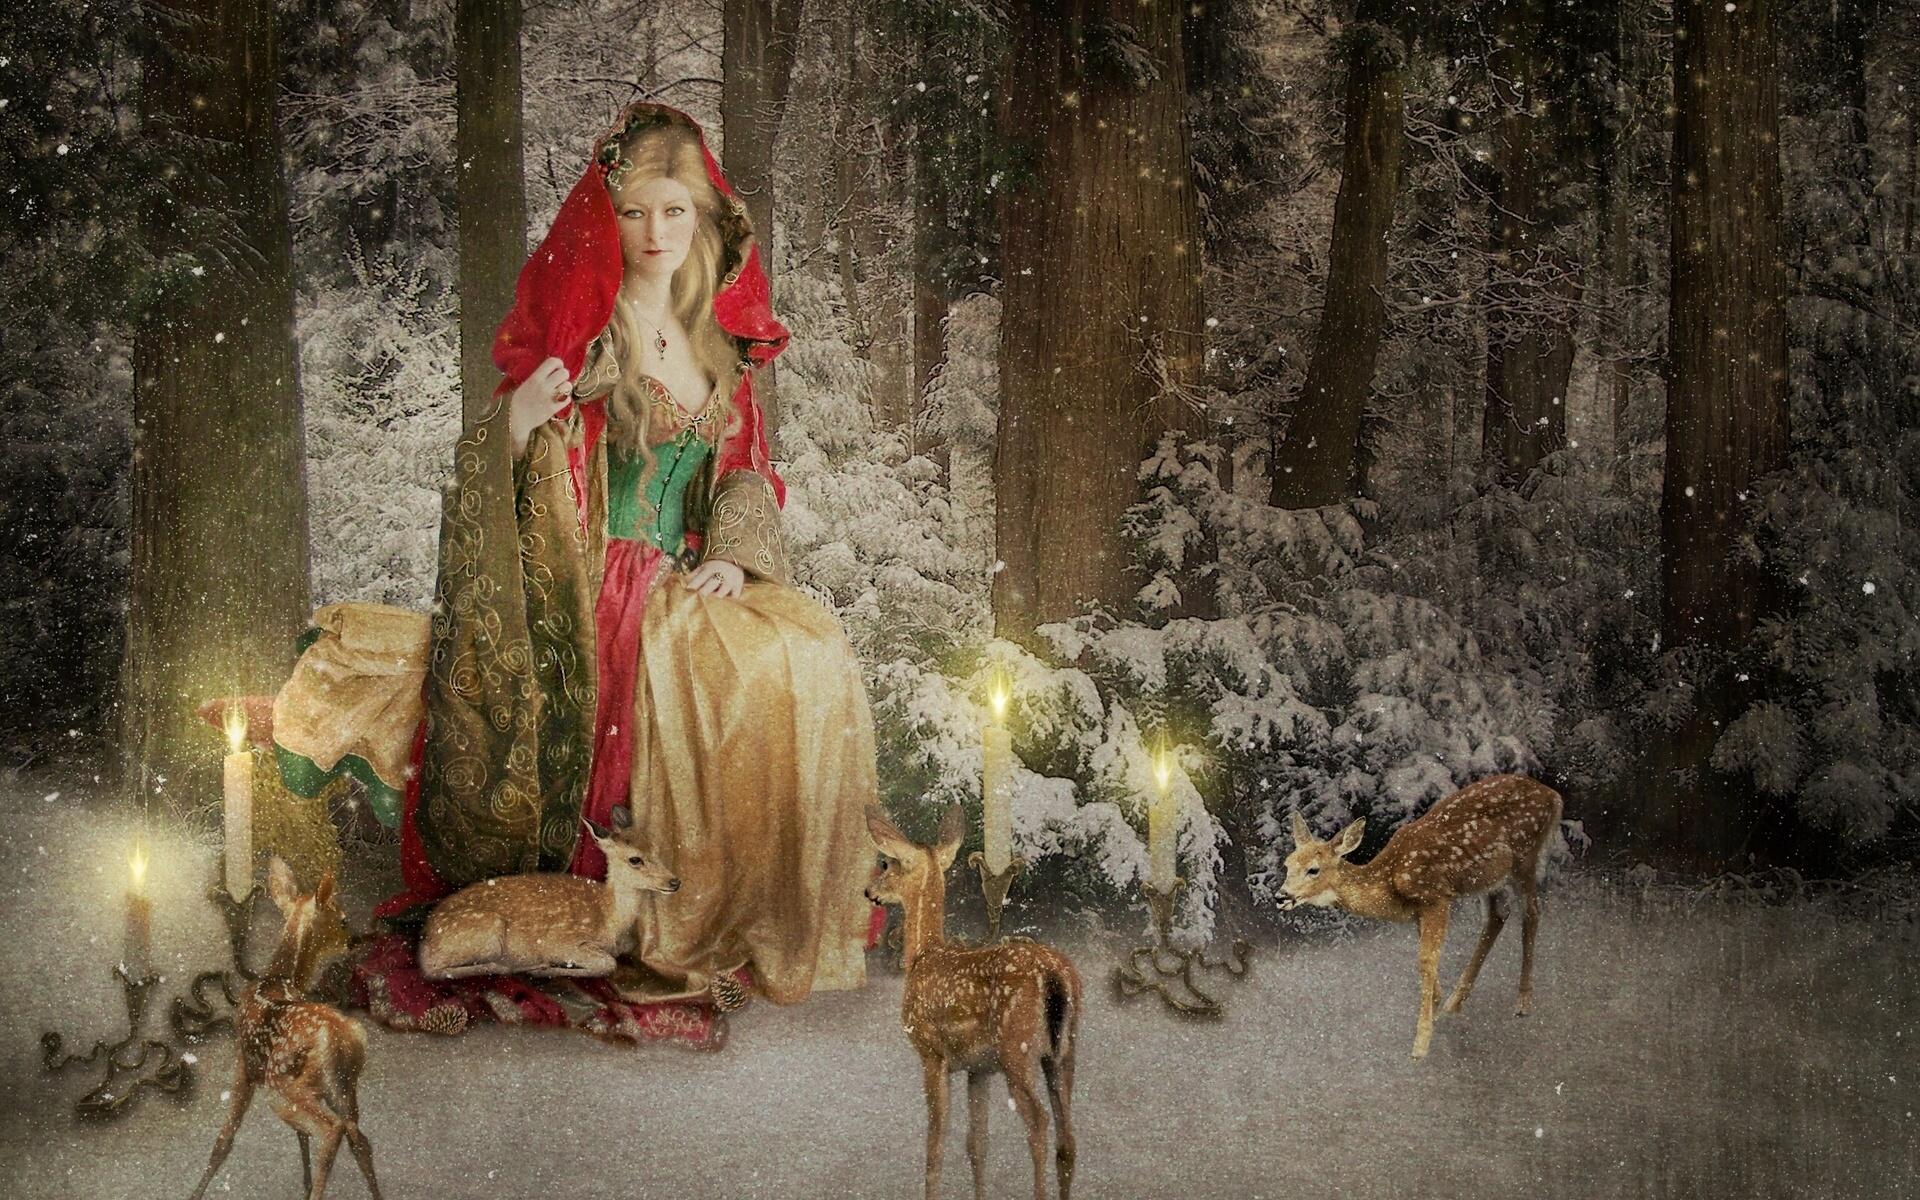 Красивые рождественские картинки фэнтези